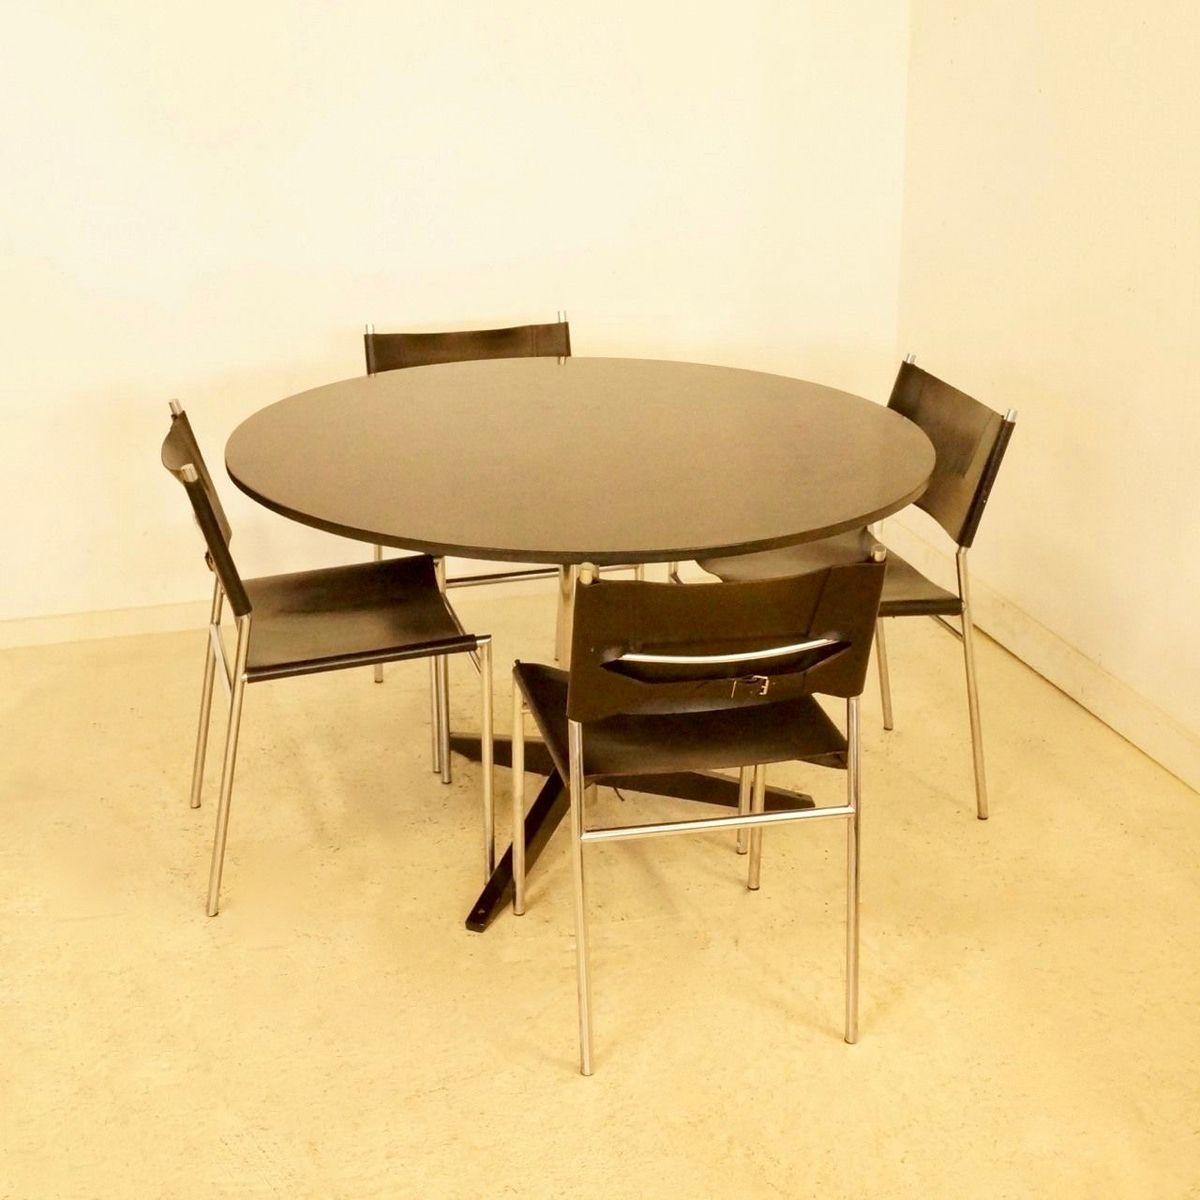 Table de salle manger te06 en pierre naturelle par for Salle a manger en pierre